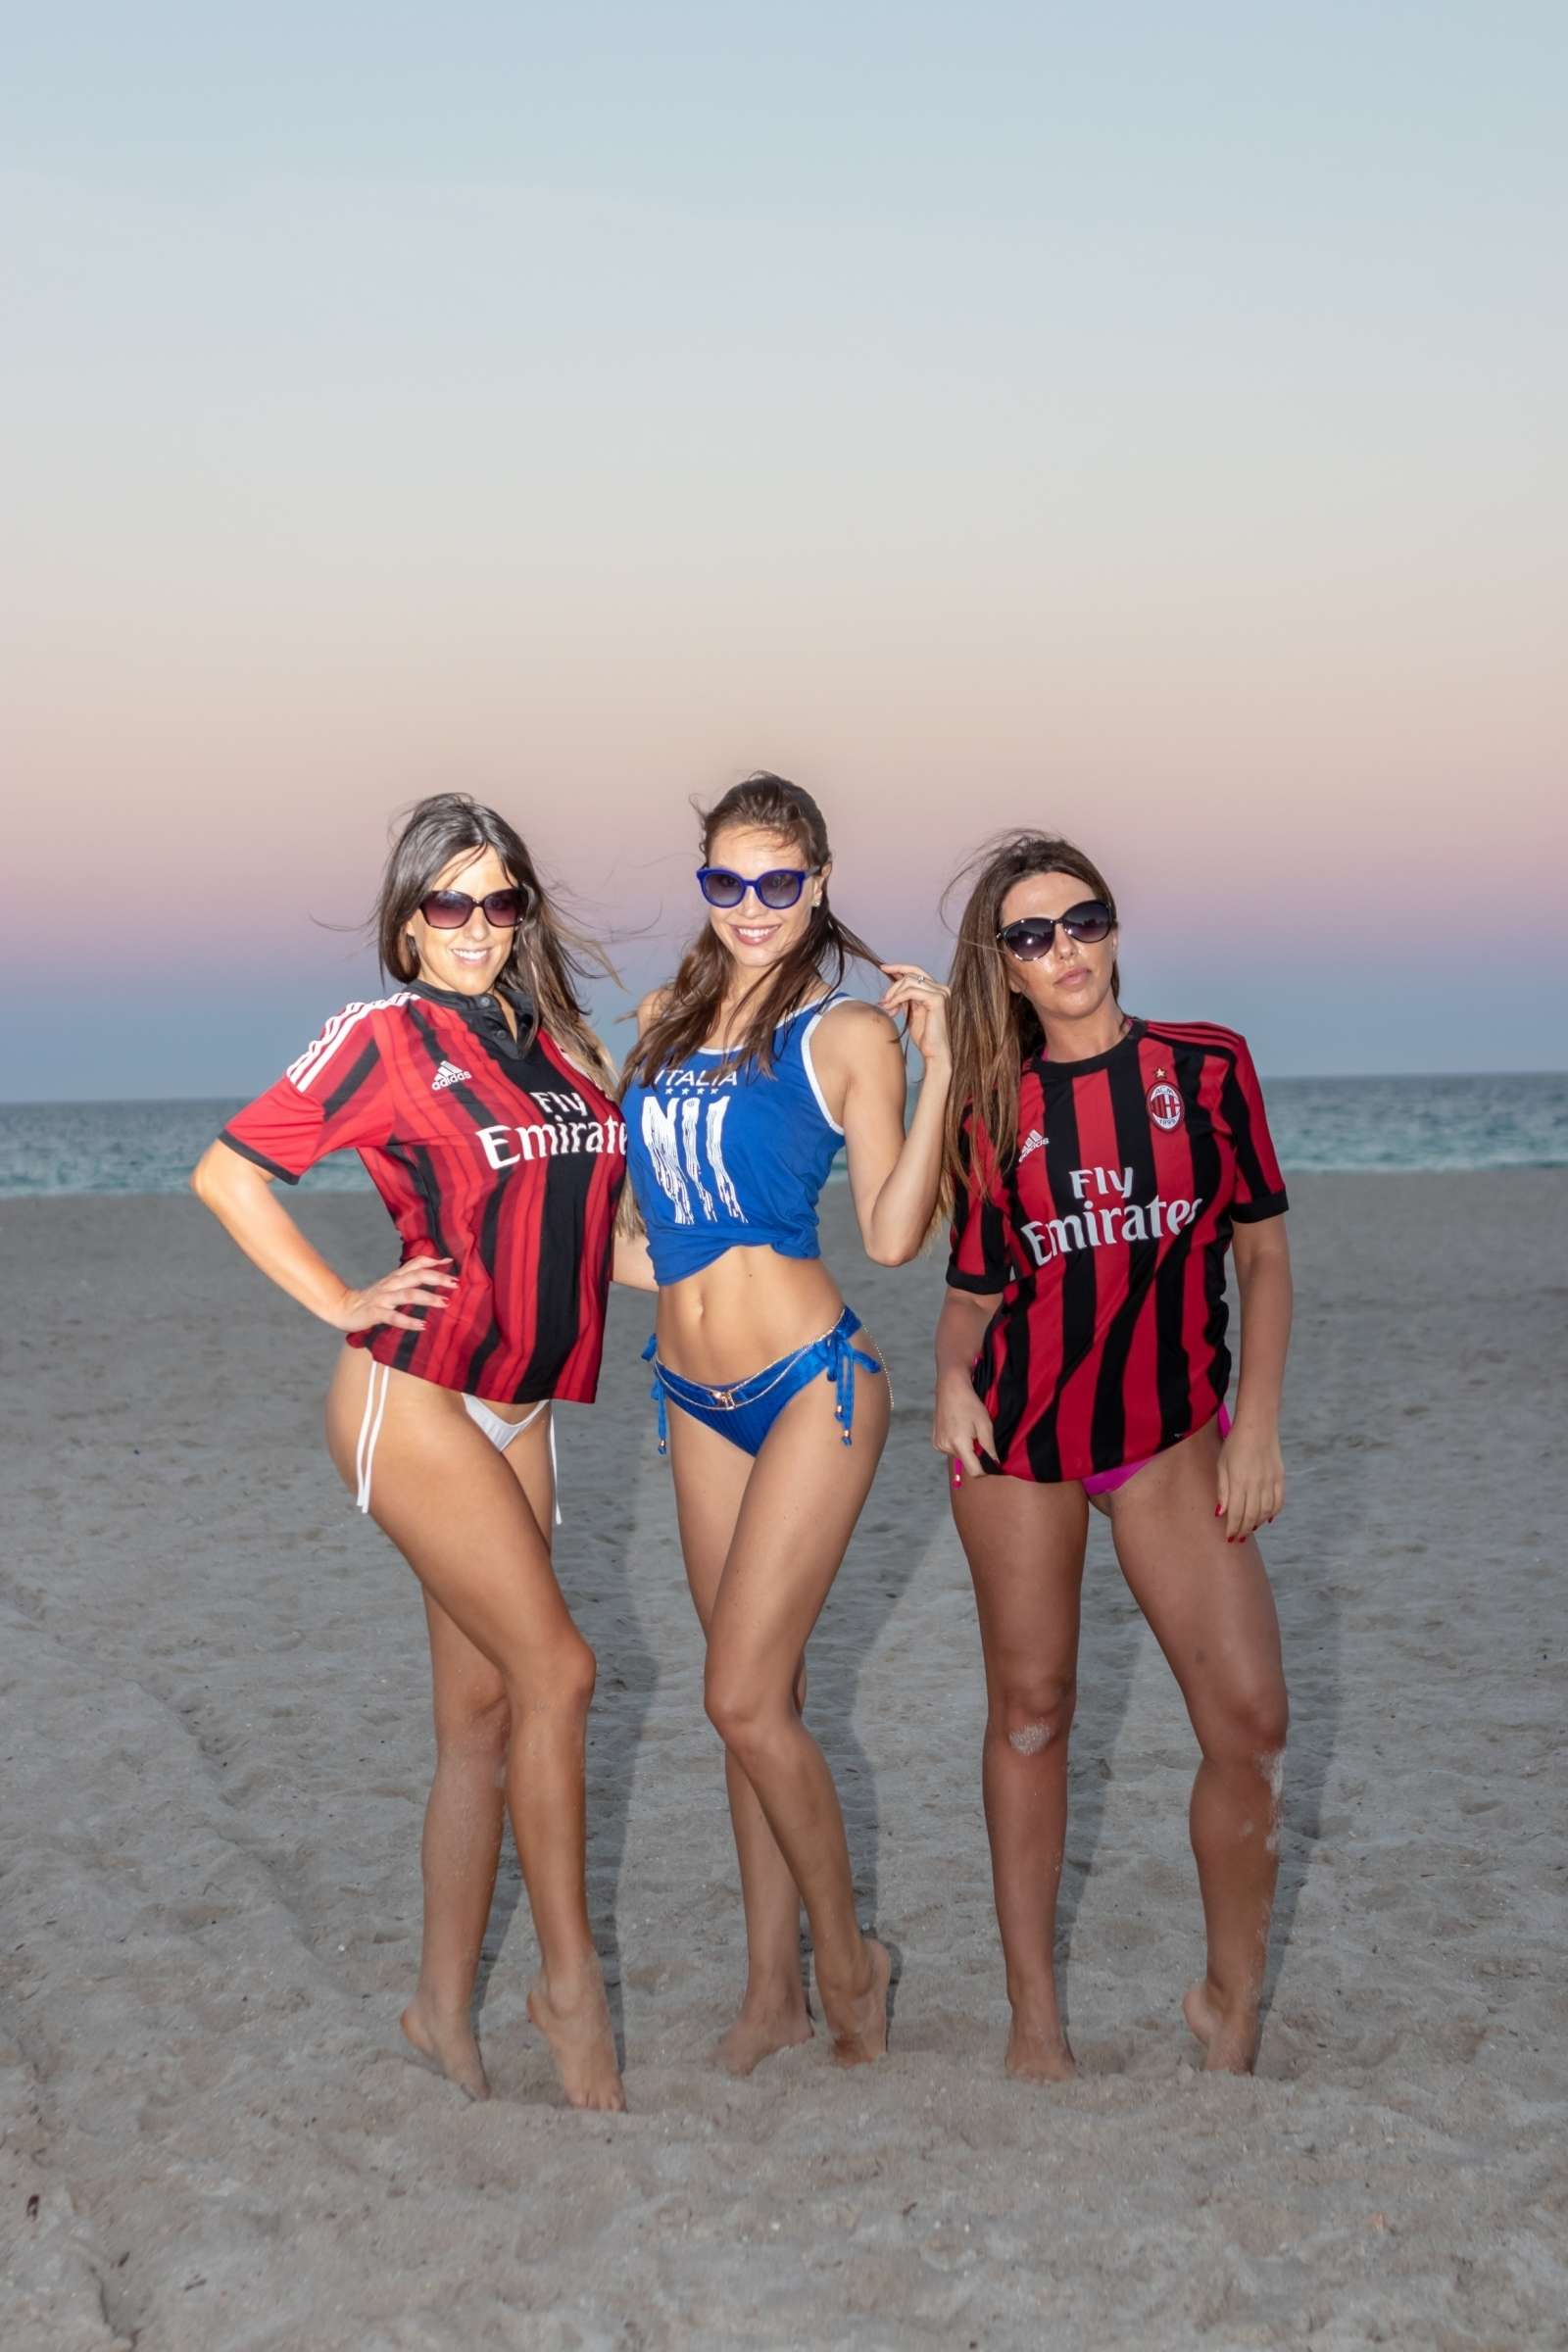 Claudia Romani, Laura Bragato and Julia Pereira in Bikini and Soccer Jerseys on the beach in Miami